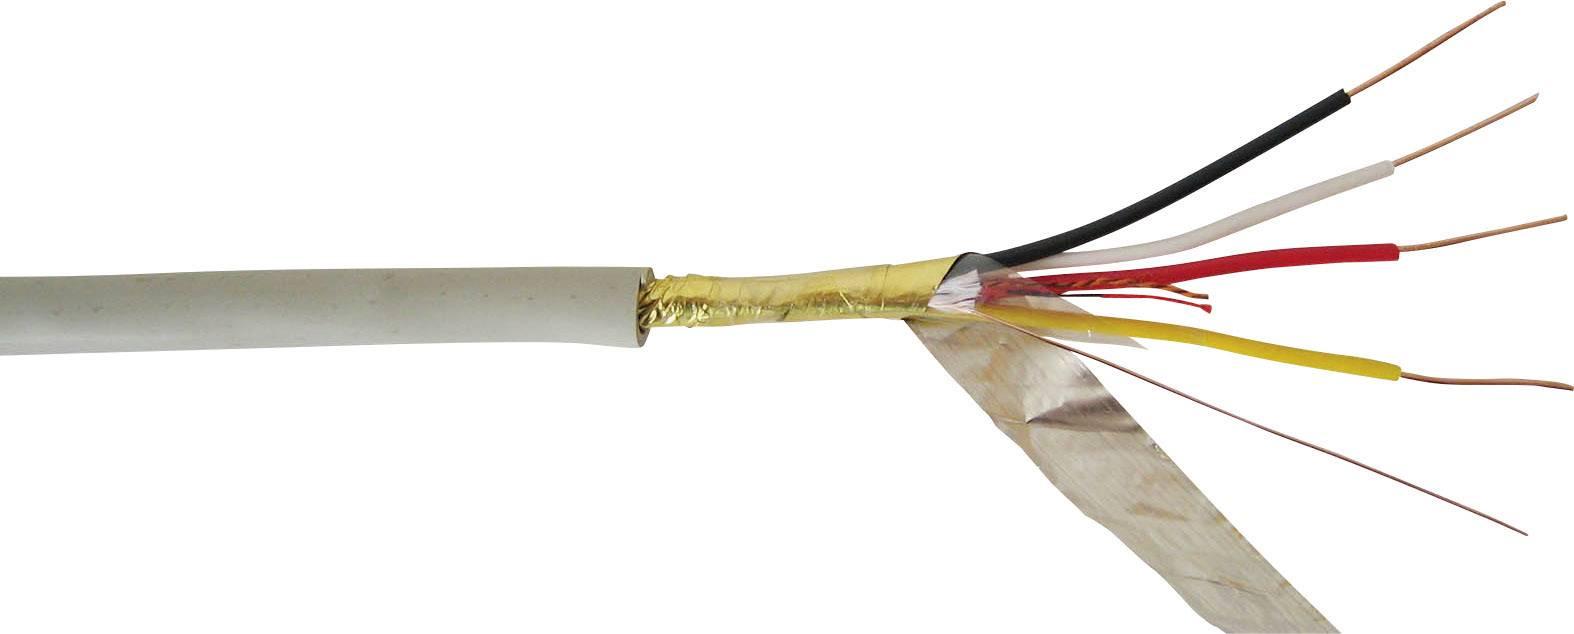 Telefonní kabel J-Y(ST)Y VOKA Kabelwerk 100800-00, 2 x 2 x 0.60 mm, křemenová šedá (RAL 7032), metrové zboží